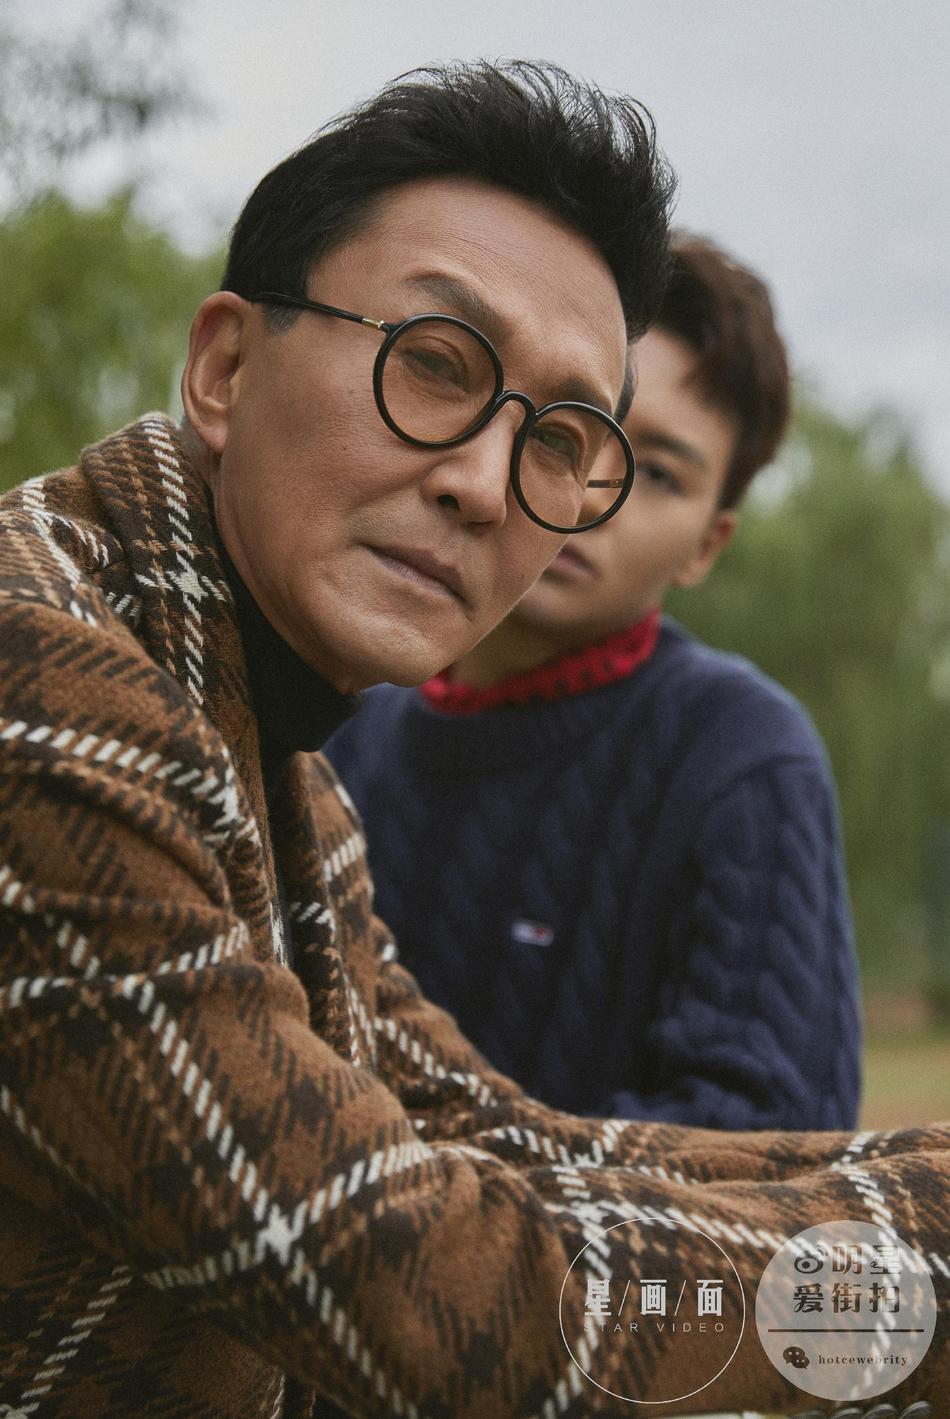 组图:吴刚与儿子同框拍摄写真 父子亲情温暖秋冬